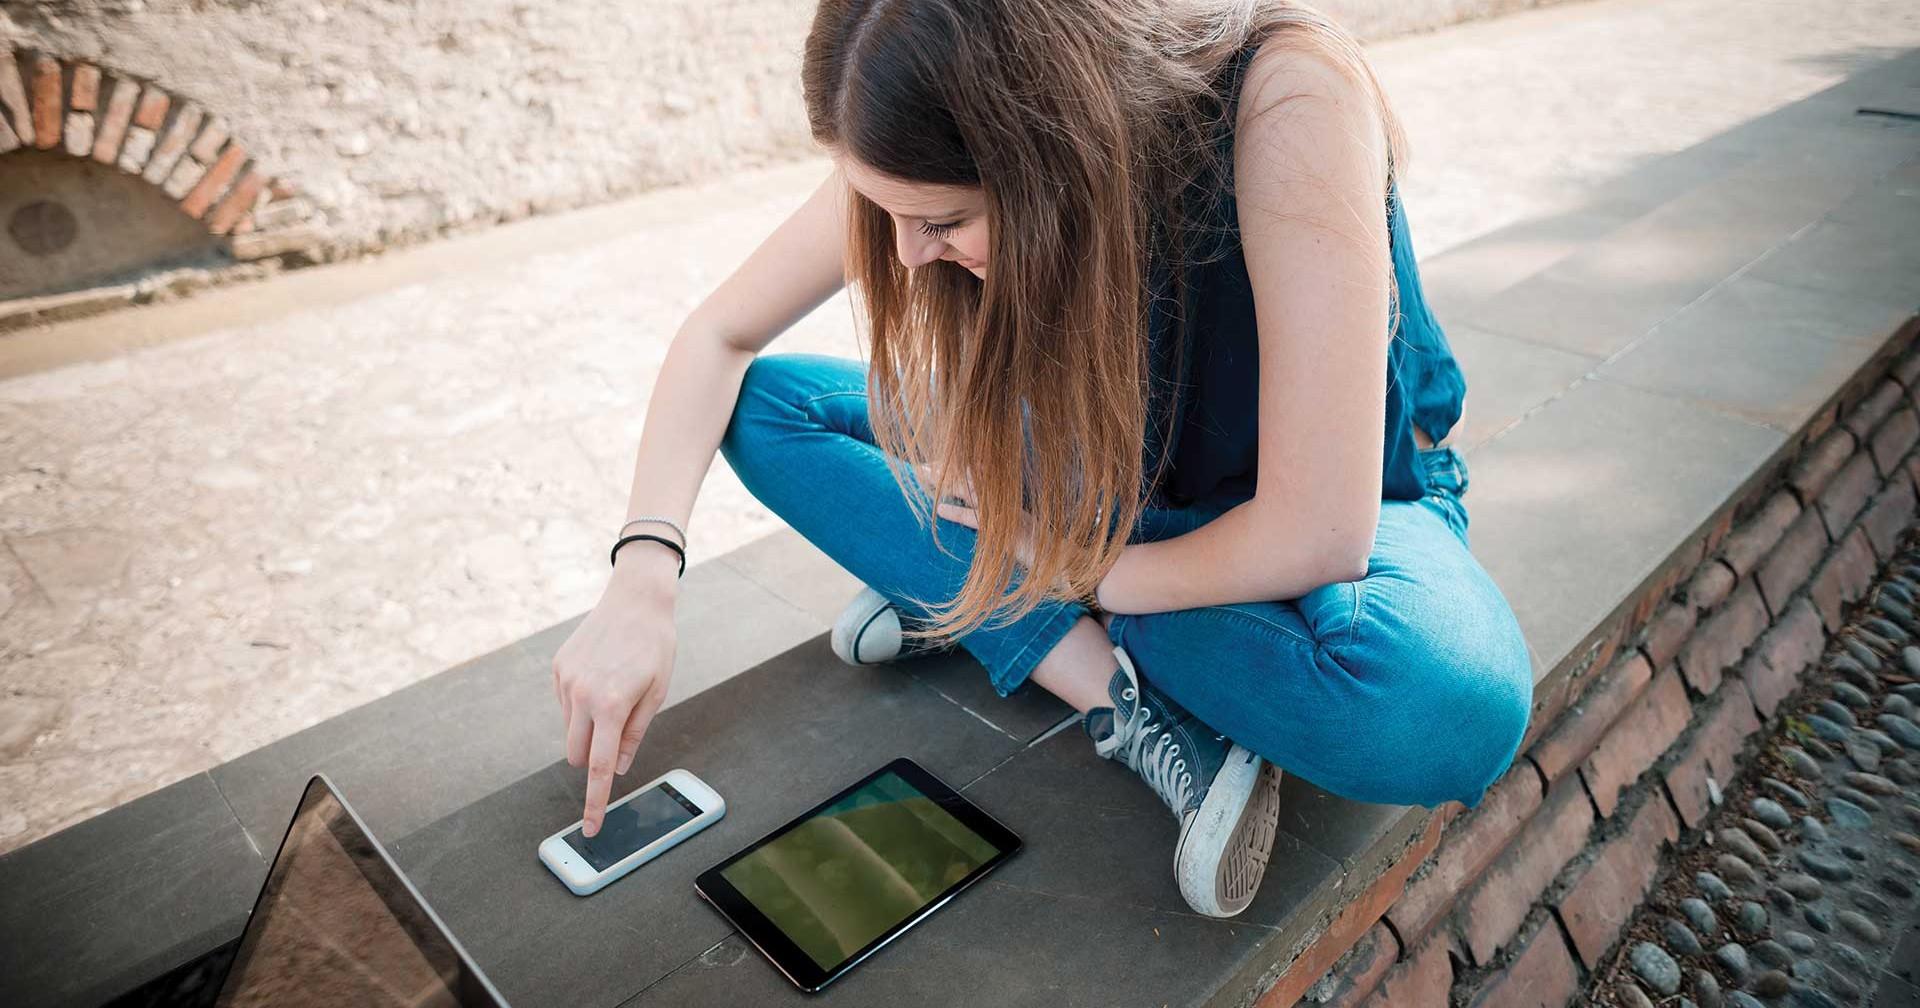 Chica usando un teléfono y una tableta